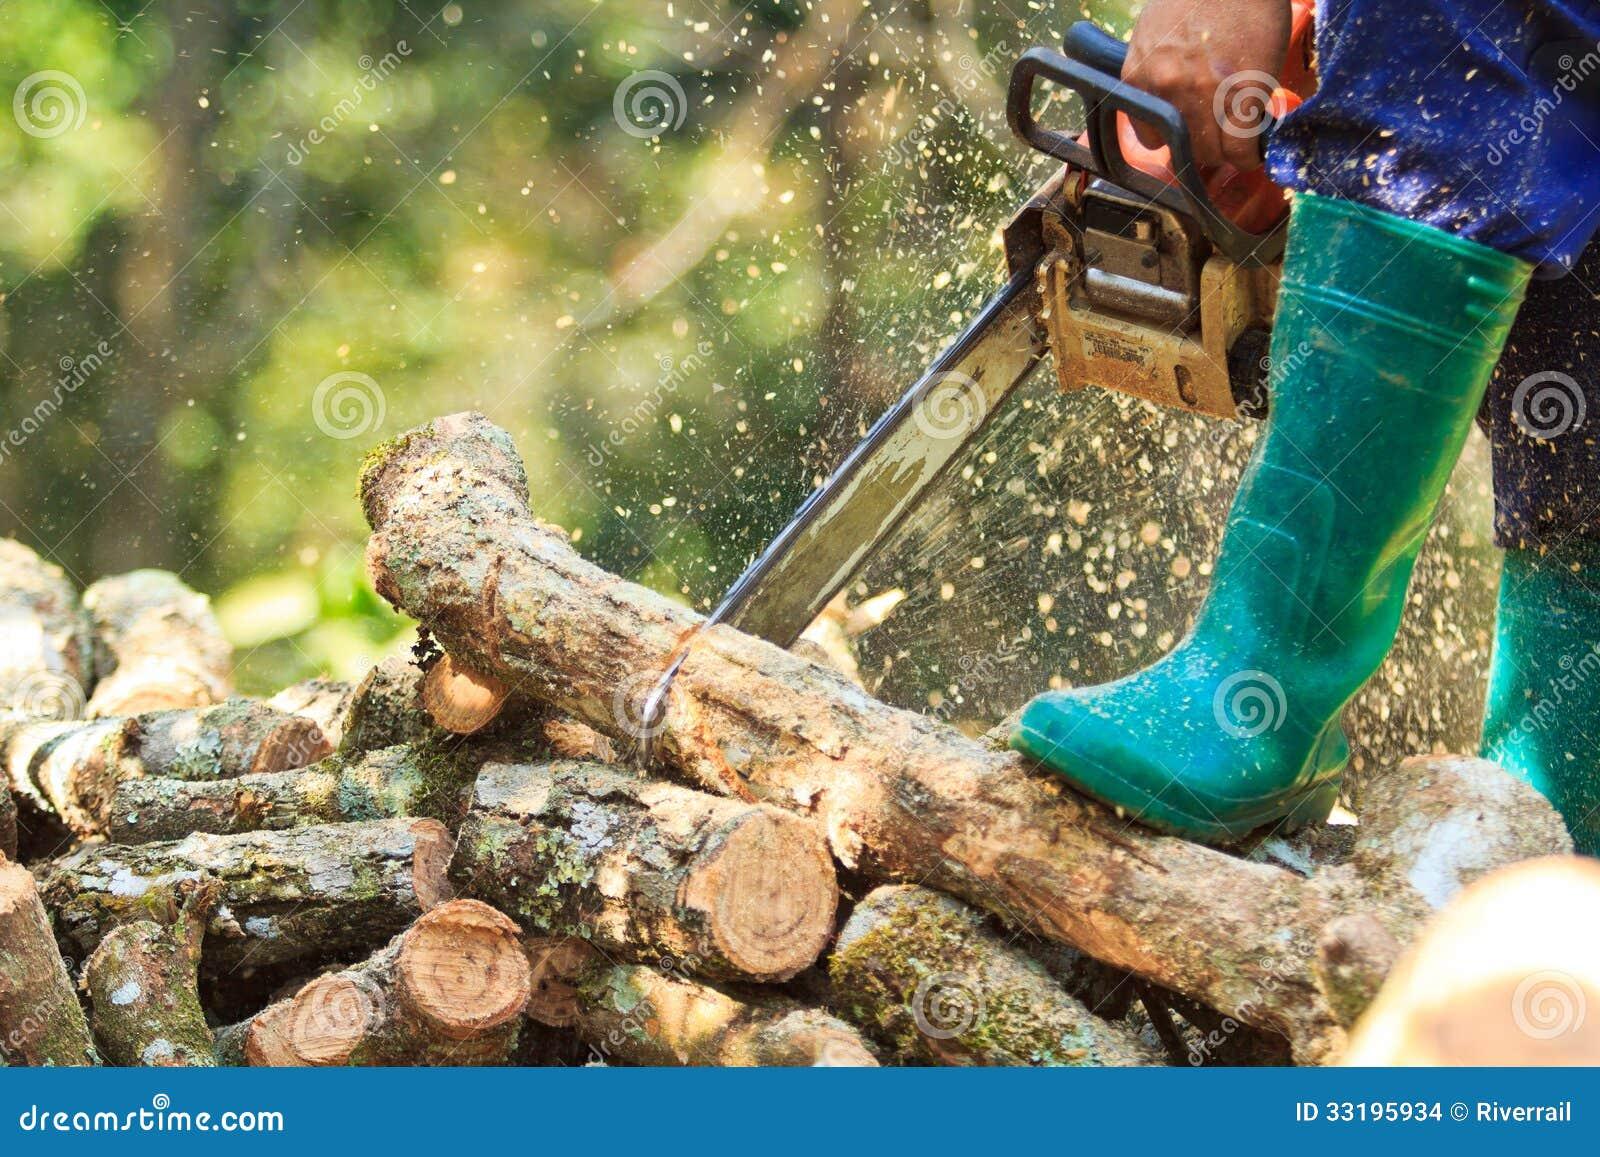 Bois De Chauffage De Coupe D'homme Avec Une Tronçonneuse Images stock Image 33195934 # Coupe Bois De Chauffage